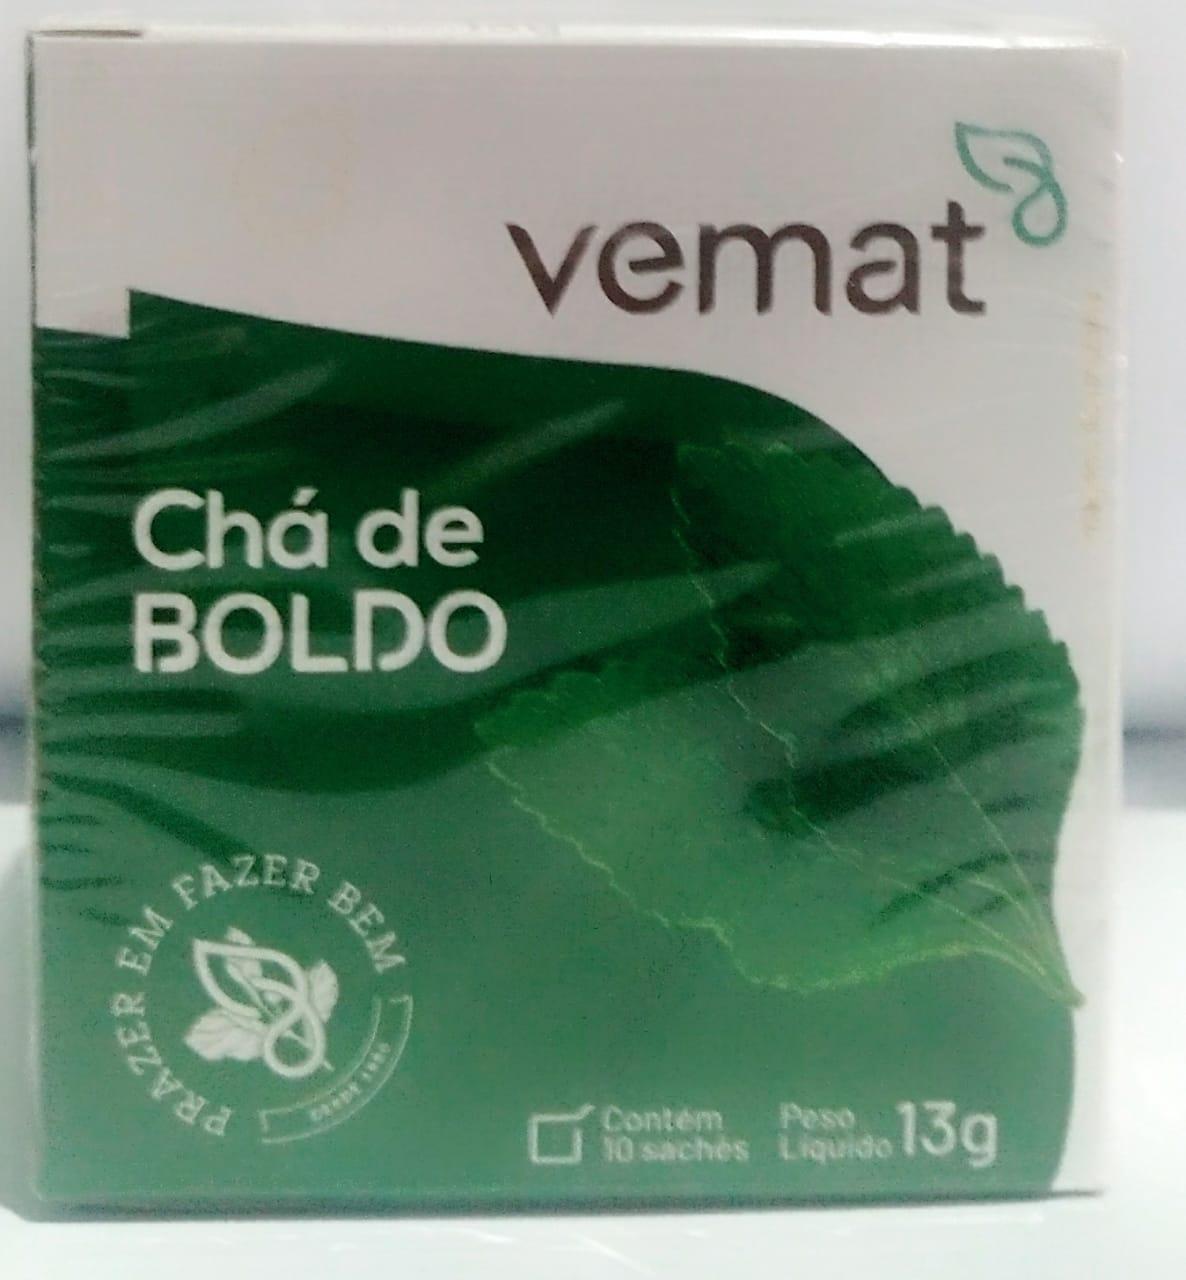 Cha De Boldo 10 saches 10g Vemat